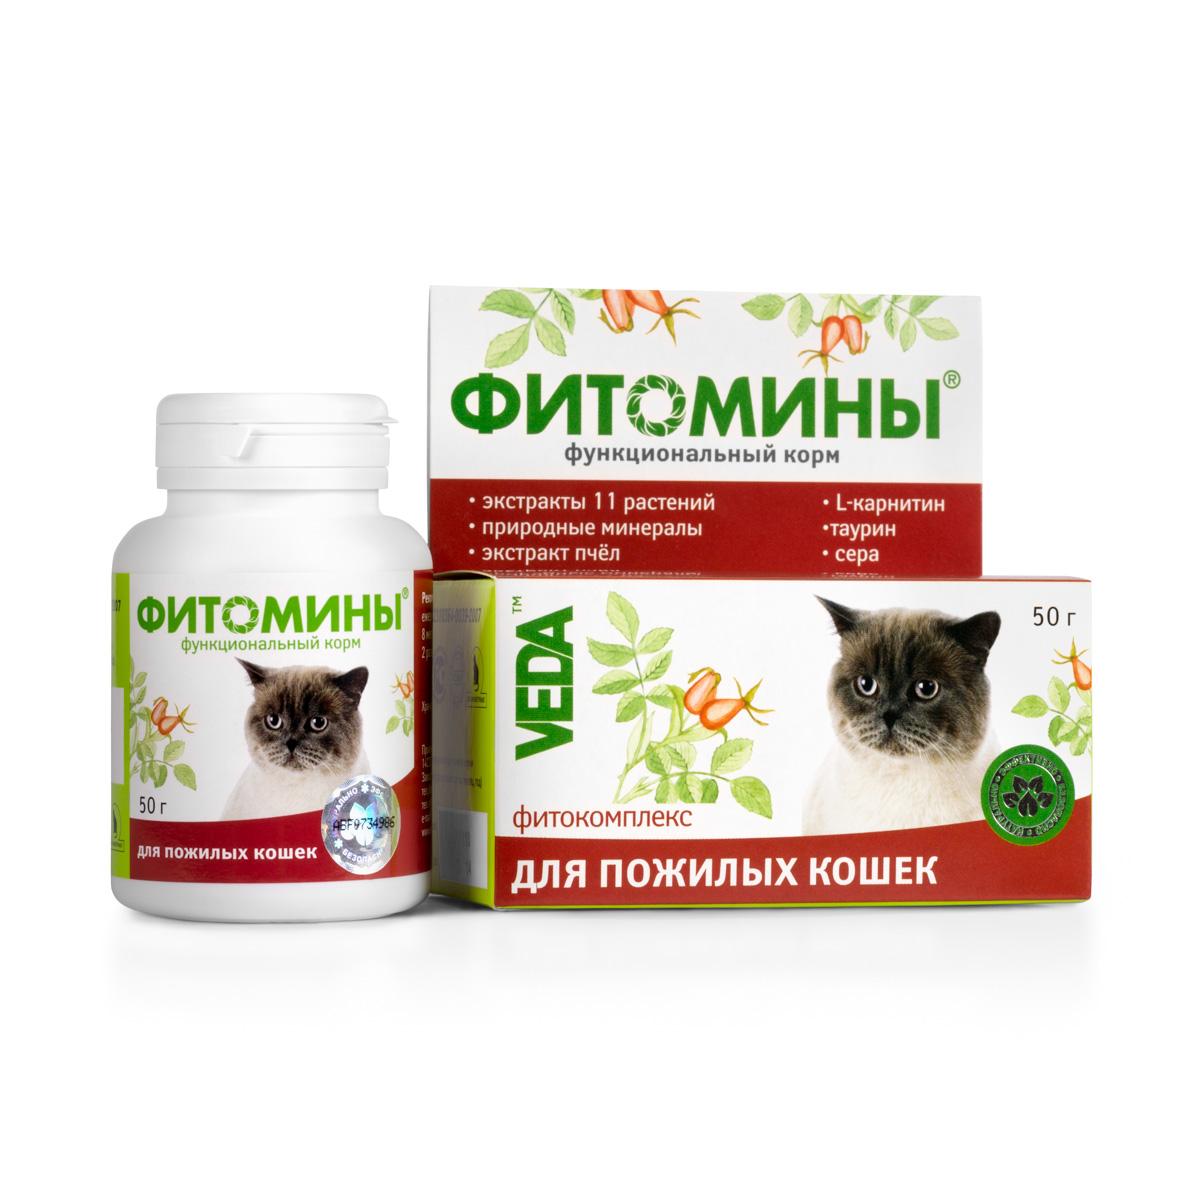 Корм VEDA Фитомины для пожилых кошек, функциональный, 50 г4605543006876Корм функциональный VEDA Фитомины для пожилых кошек улучшает общее состояние системы кровообращения. Рекомендуется включать в рацион: - животным с нарушениями функциями сердечно-сосудистой системы, периферического, мозгового и коронарного кровообращения,- пожилым животным для повышения устойчивости к сердечно-сосудистым заболеваниям.Состав: лактоза; крахмал; дрожжи пивные; фитокомплекс: травы мелиссы лекарственной, плодов боярышника, травы пустырника сердечного, корневищ с корнями валерьяны, травы донника, листьев мяты перечной, травы котовника, травы тысячелистника, травы горца птичьего, травы сушеницы болотной, травы буквицы; природный минеральный комплекс; паровая рыбная мука; гидролизат коллагена; L-карнитин; экстракт пчел; таурин; сера; стеарат кальция. В 100 г продукта содержится (не менее): углеводы - 92 г; жиры - 0,1 г; белки – 2 г; кальций 600 мг; фосфор 360 мг; железо 15 мг; цинк 4 мг; марганец 0,1 мг; медь 0,3 мг; L-карнитин 0,5 г; таурин 0,2 г; сера 0,1 г. Энергетическая ценность в 100 г: 380 ккал.Товар сертифицирован.Чем кормить пожилых кошек: советы ветеринара. Статья OZON Гид